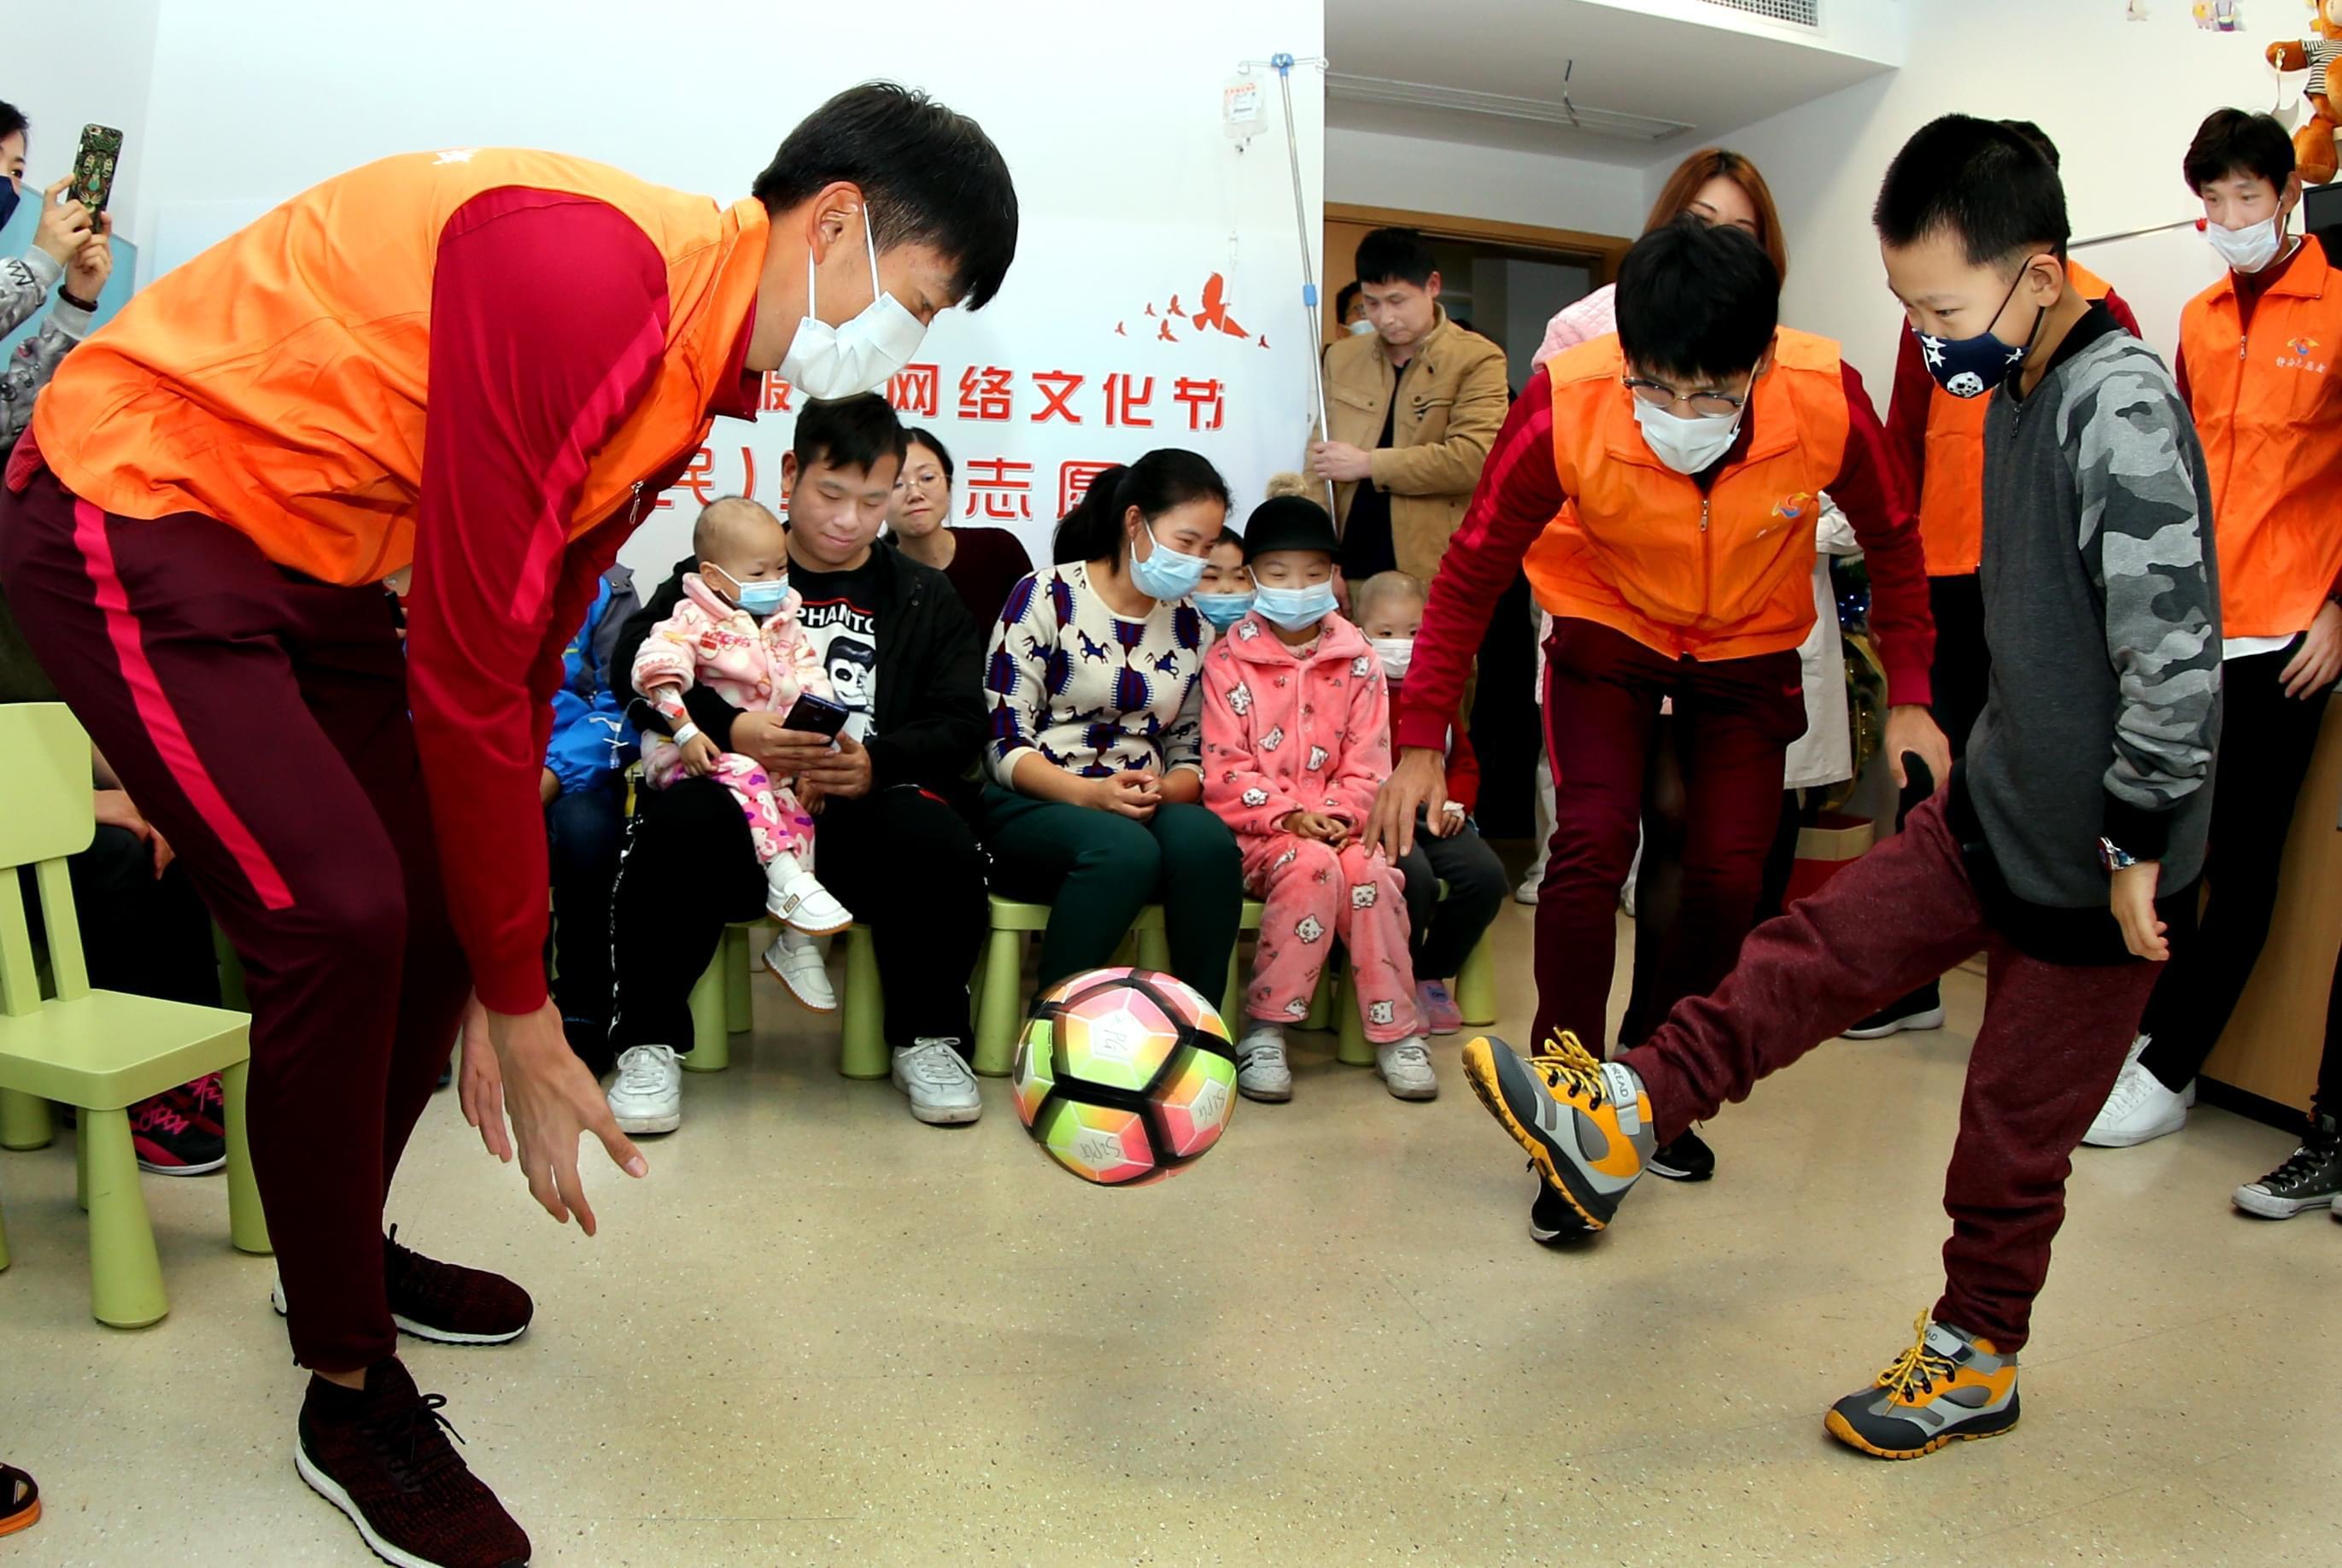 申城正能量!博阿斯携国脚前往儿童医院充当志愿者